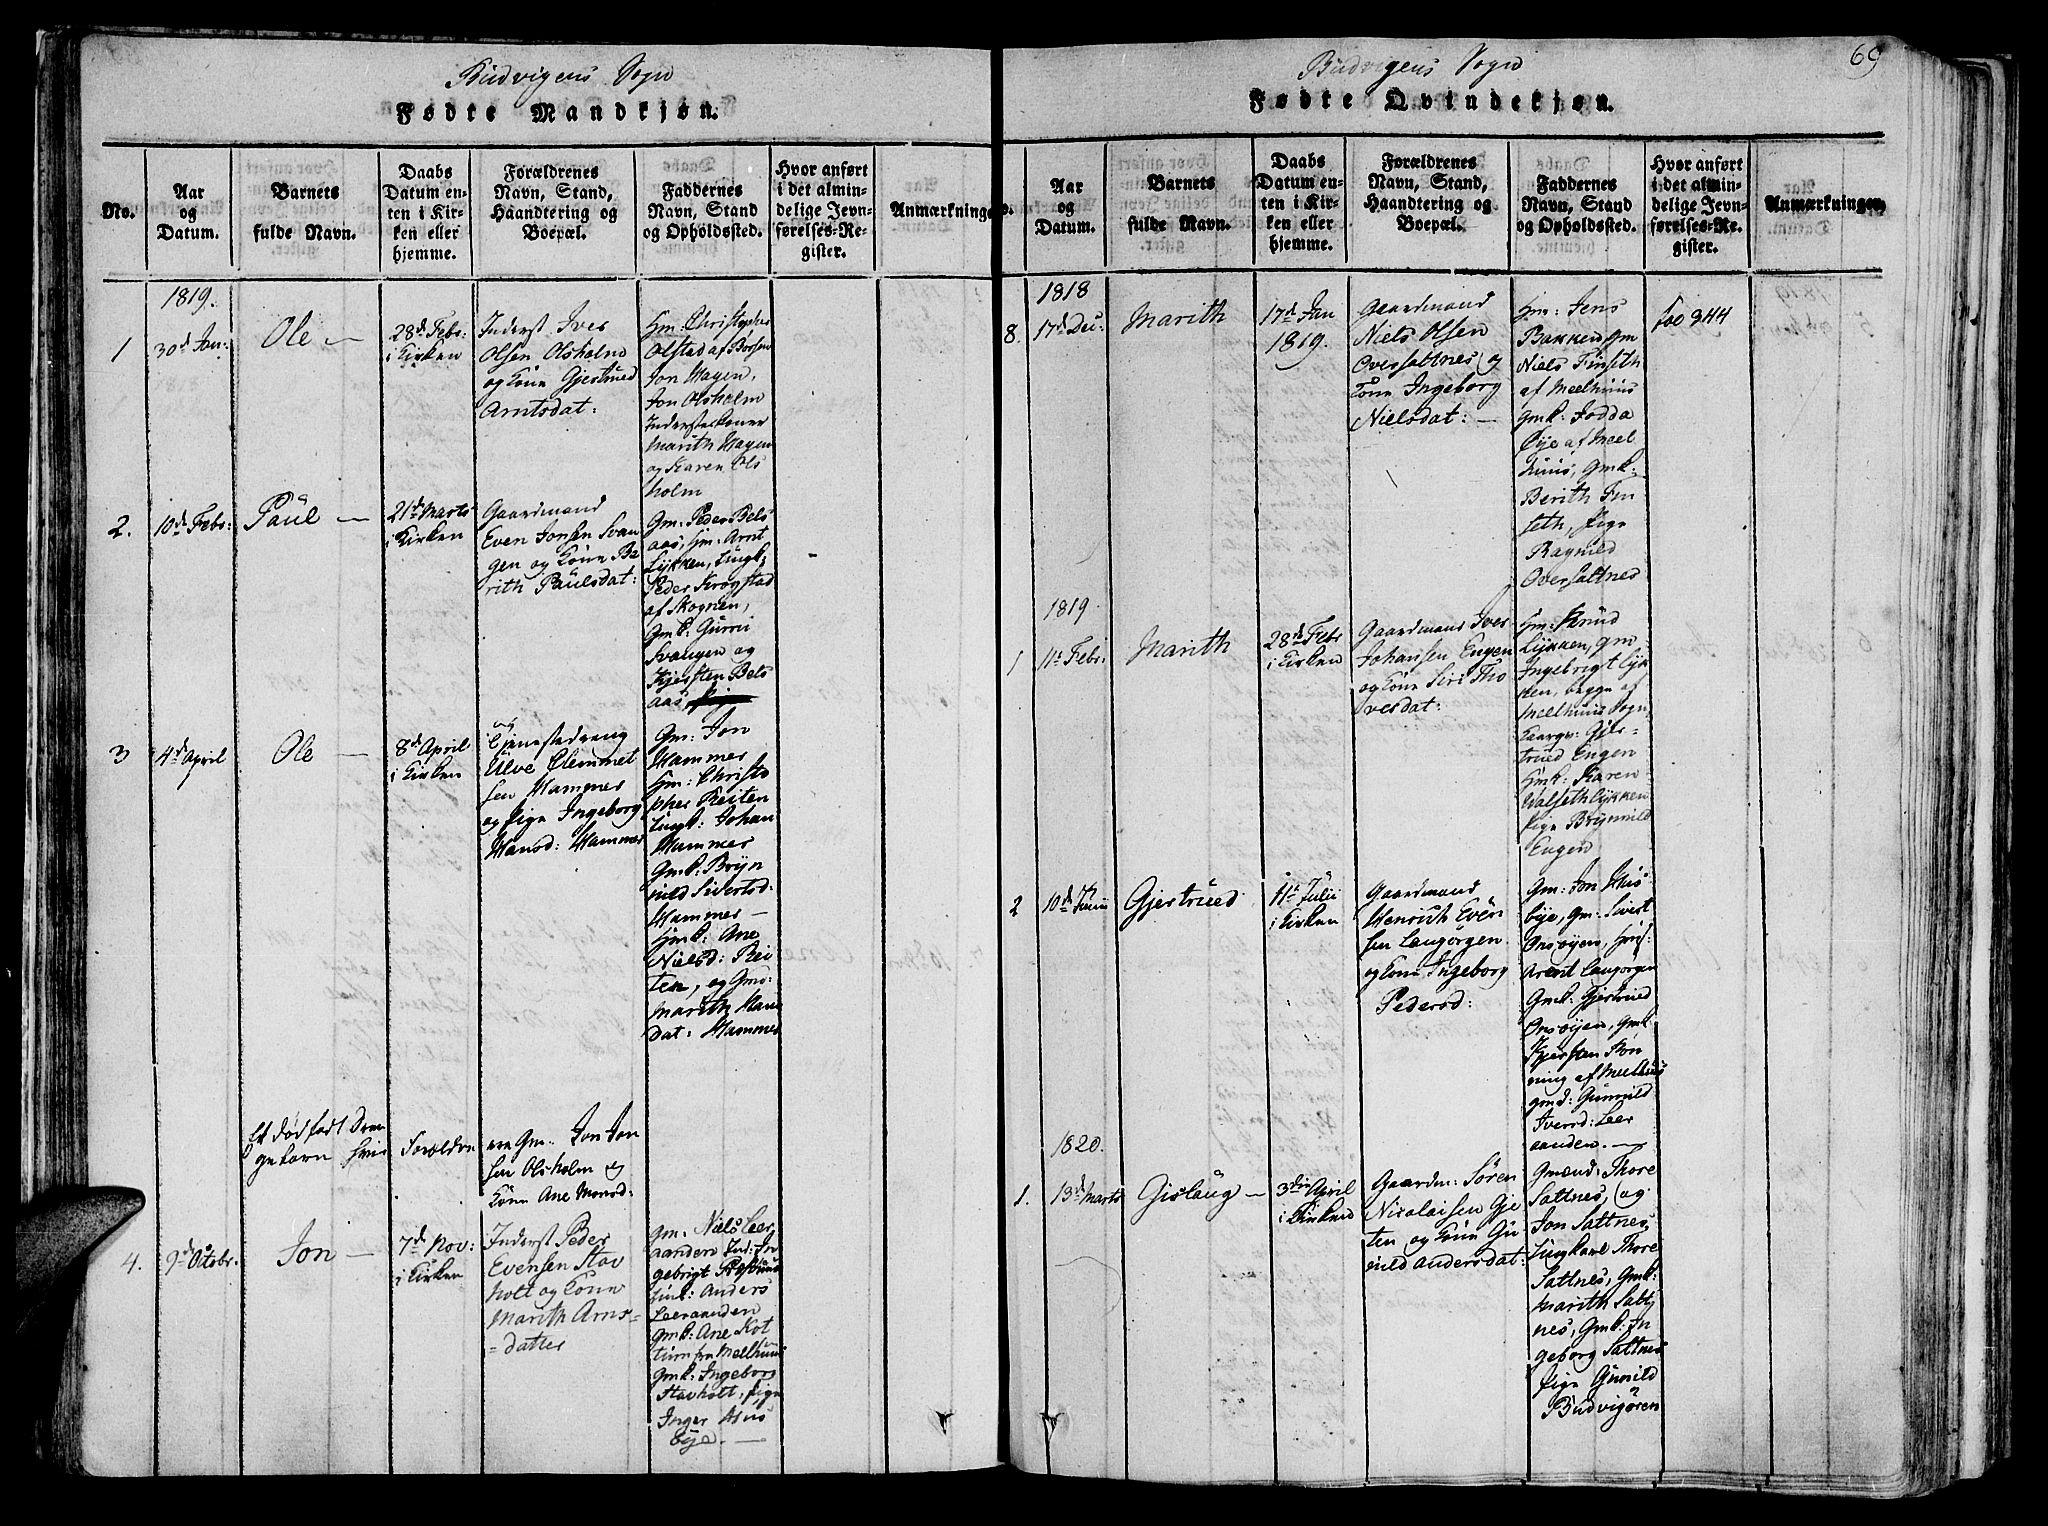 SAT, Ministerialprotokoller, klokkerbøker og fødselsregistre - Sør-Trøndelag, 612/L0373: Ministerialbok nr. 612A06 /2, 1816-1828, s. 69